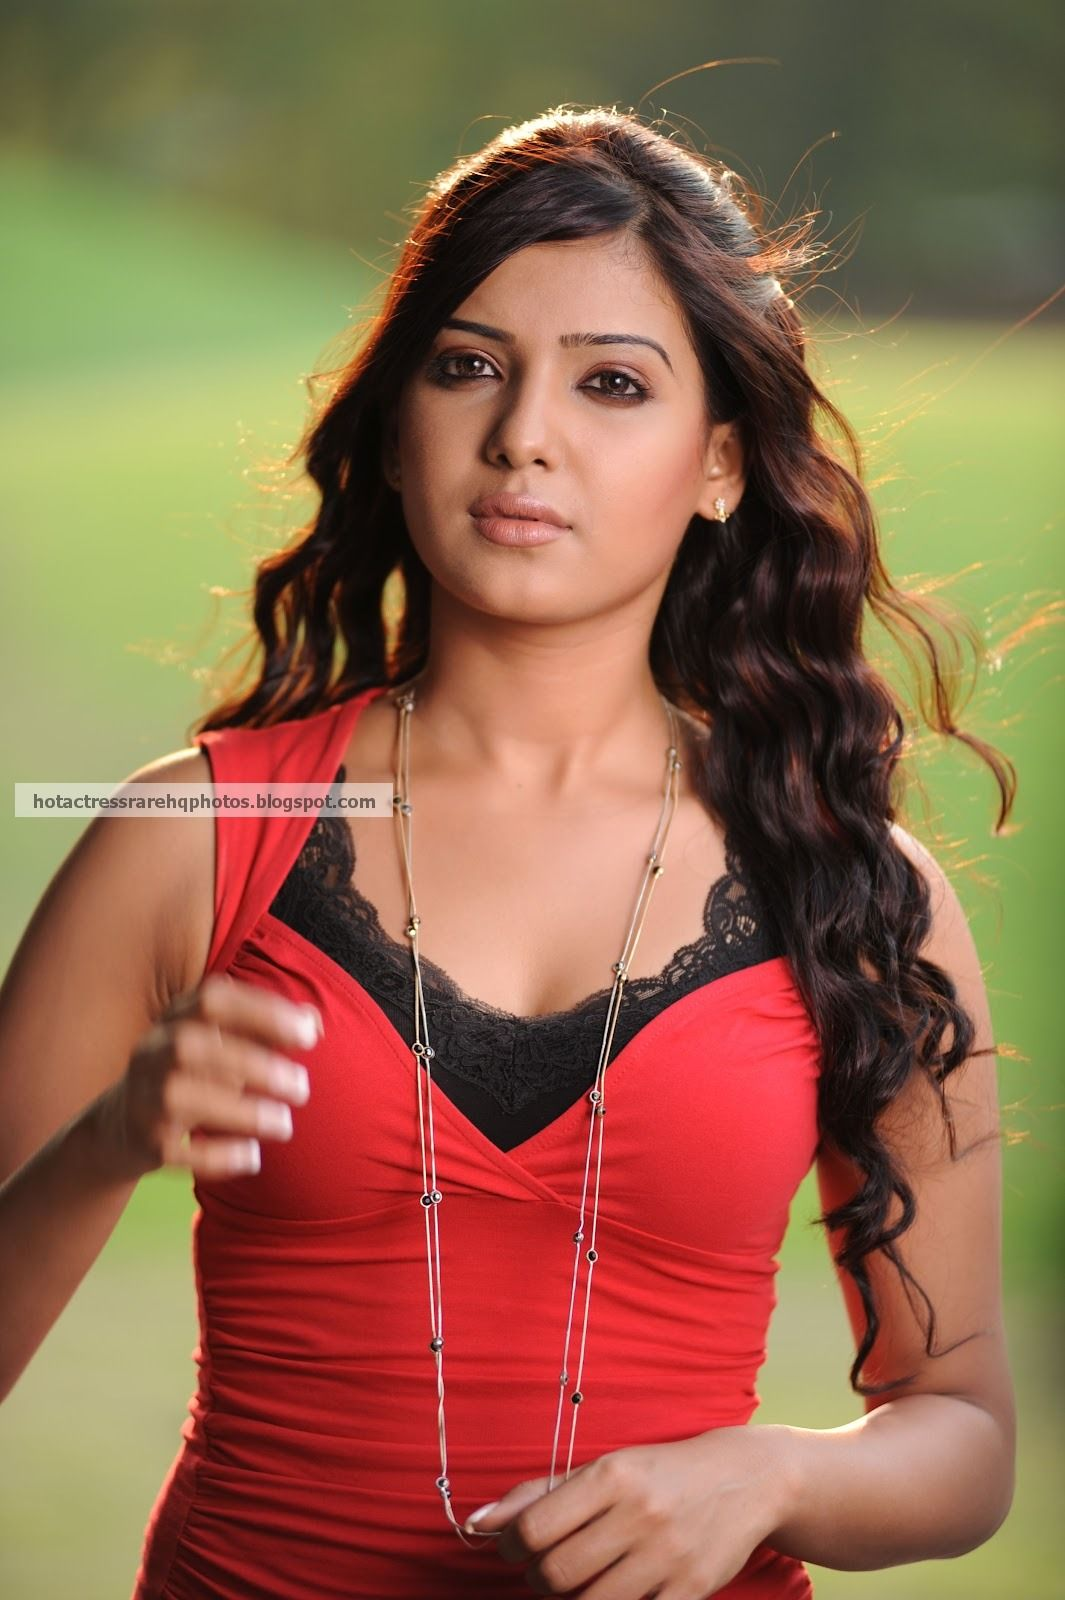 hot indian actress rare hq photos: telugu actress samantha ruth